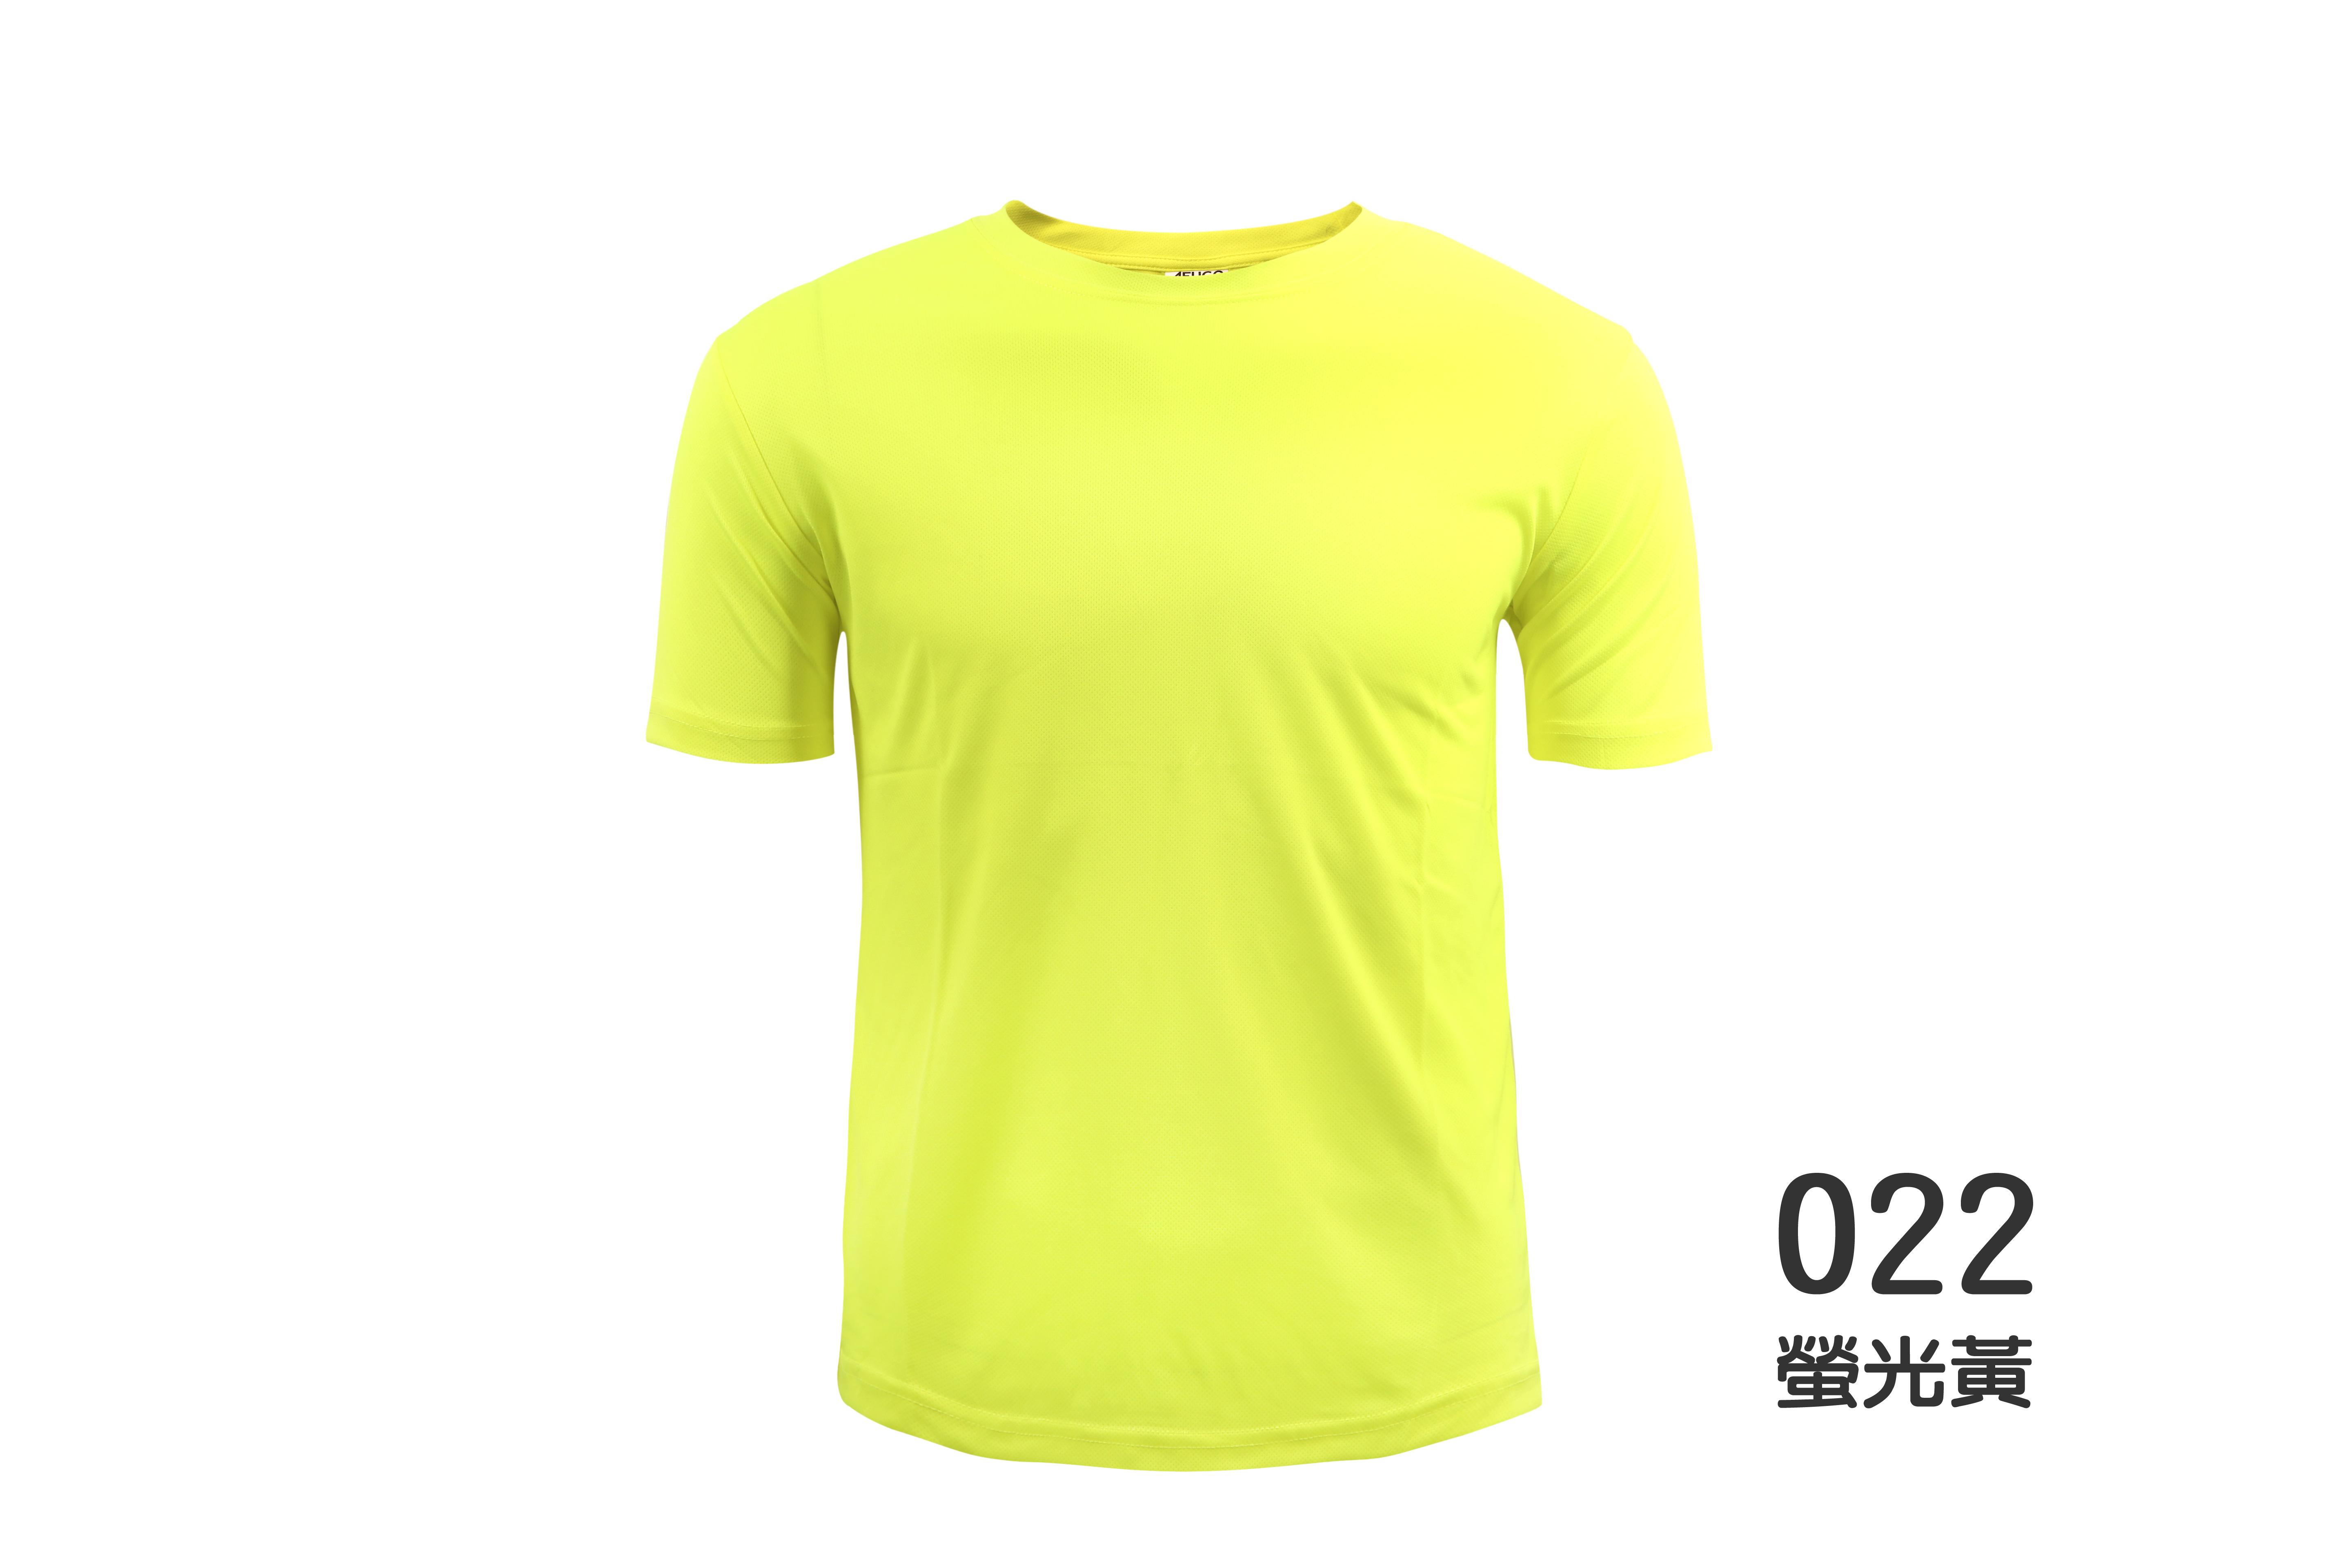 022螢光黃-1-01